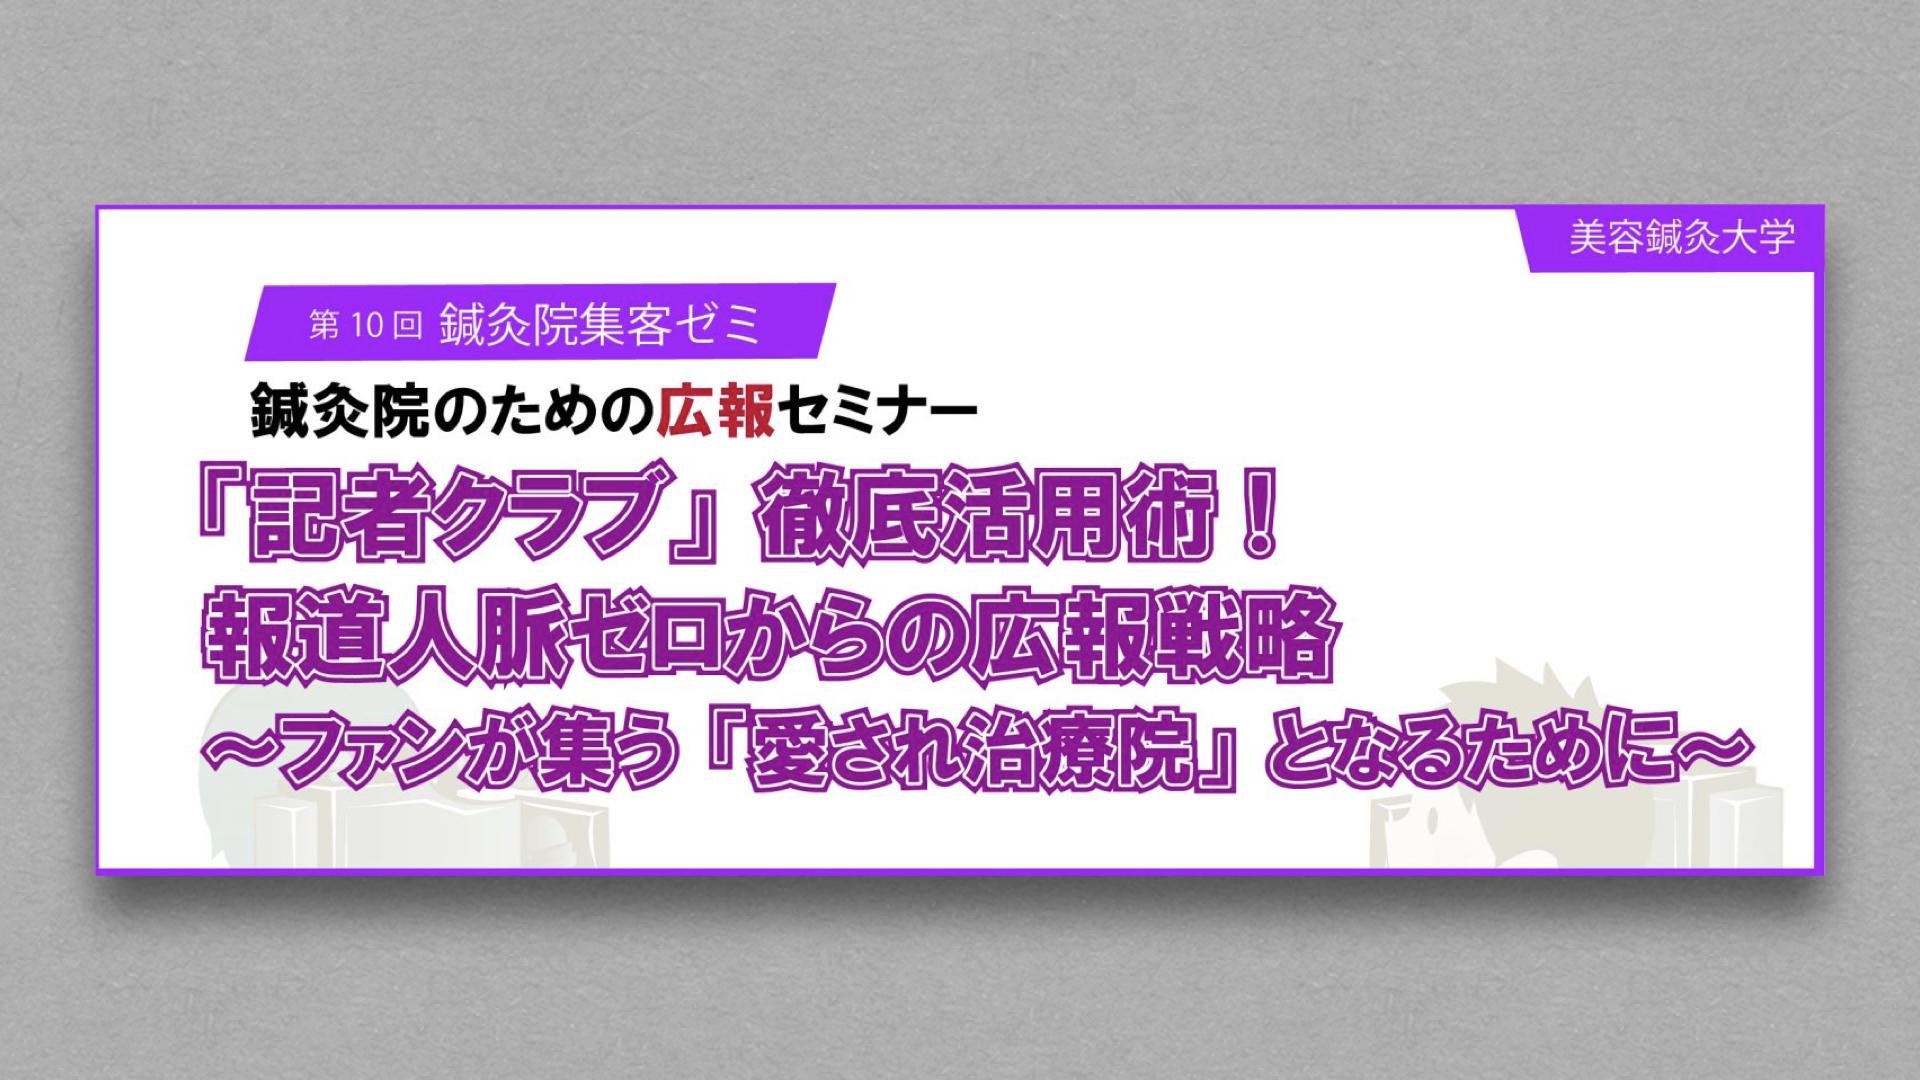 代表の荒木が一般社団法人 日本鍼灸協会の「【美容鍼灸大学 鍼灸院集客ゼミ】 鍼灸院のための広報セミナー」に登壇します。